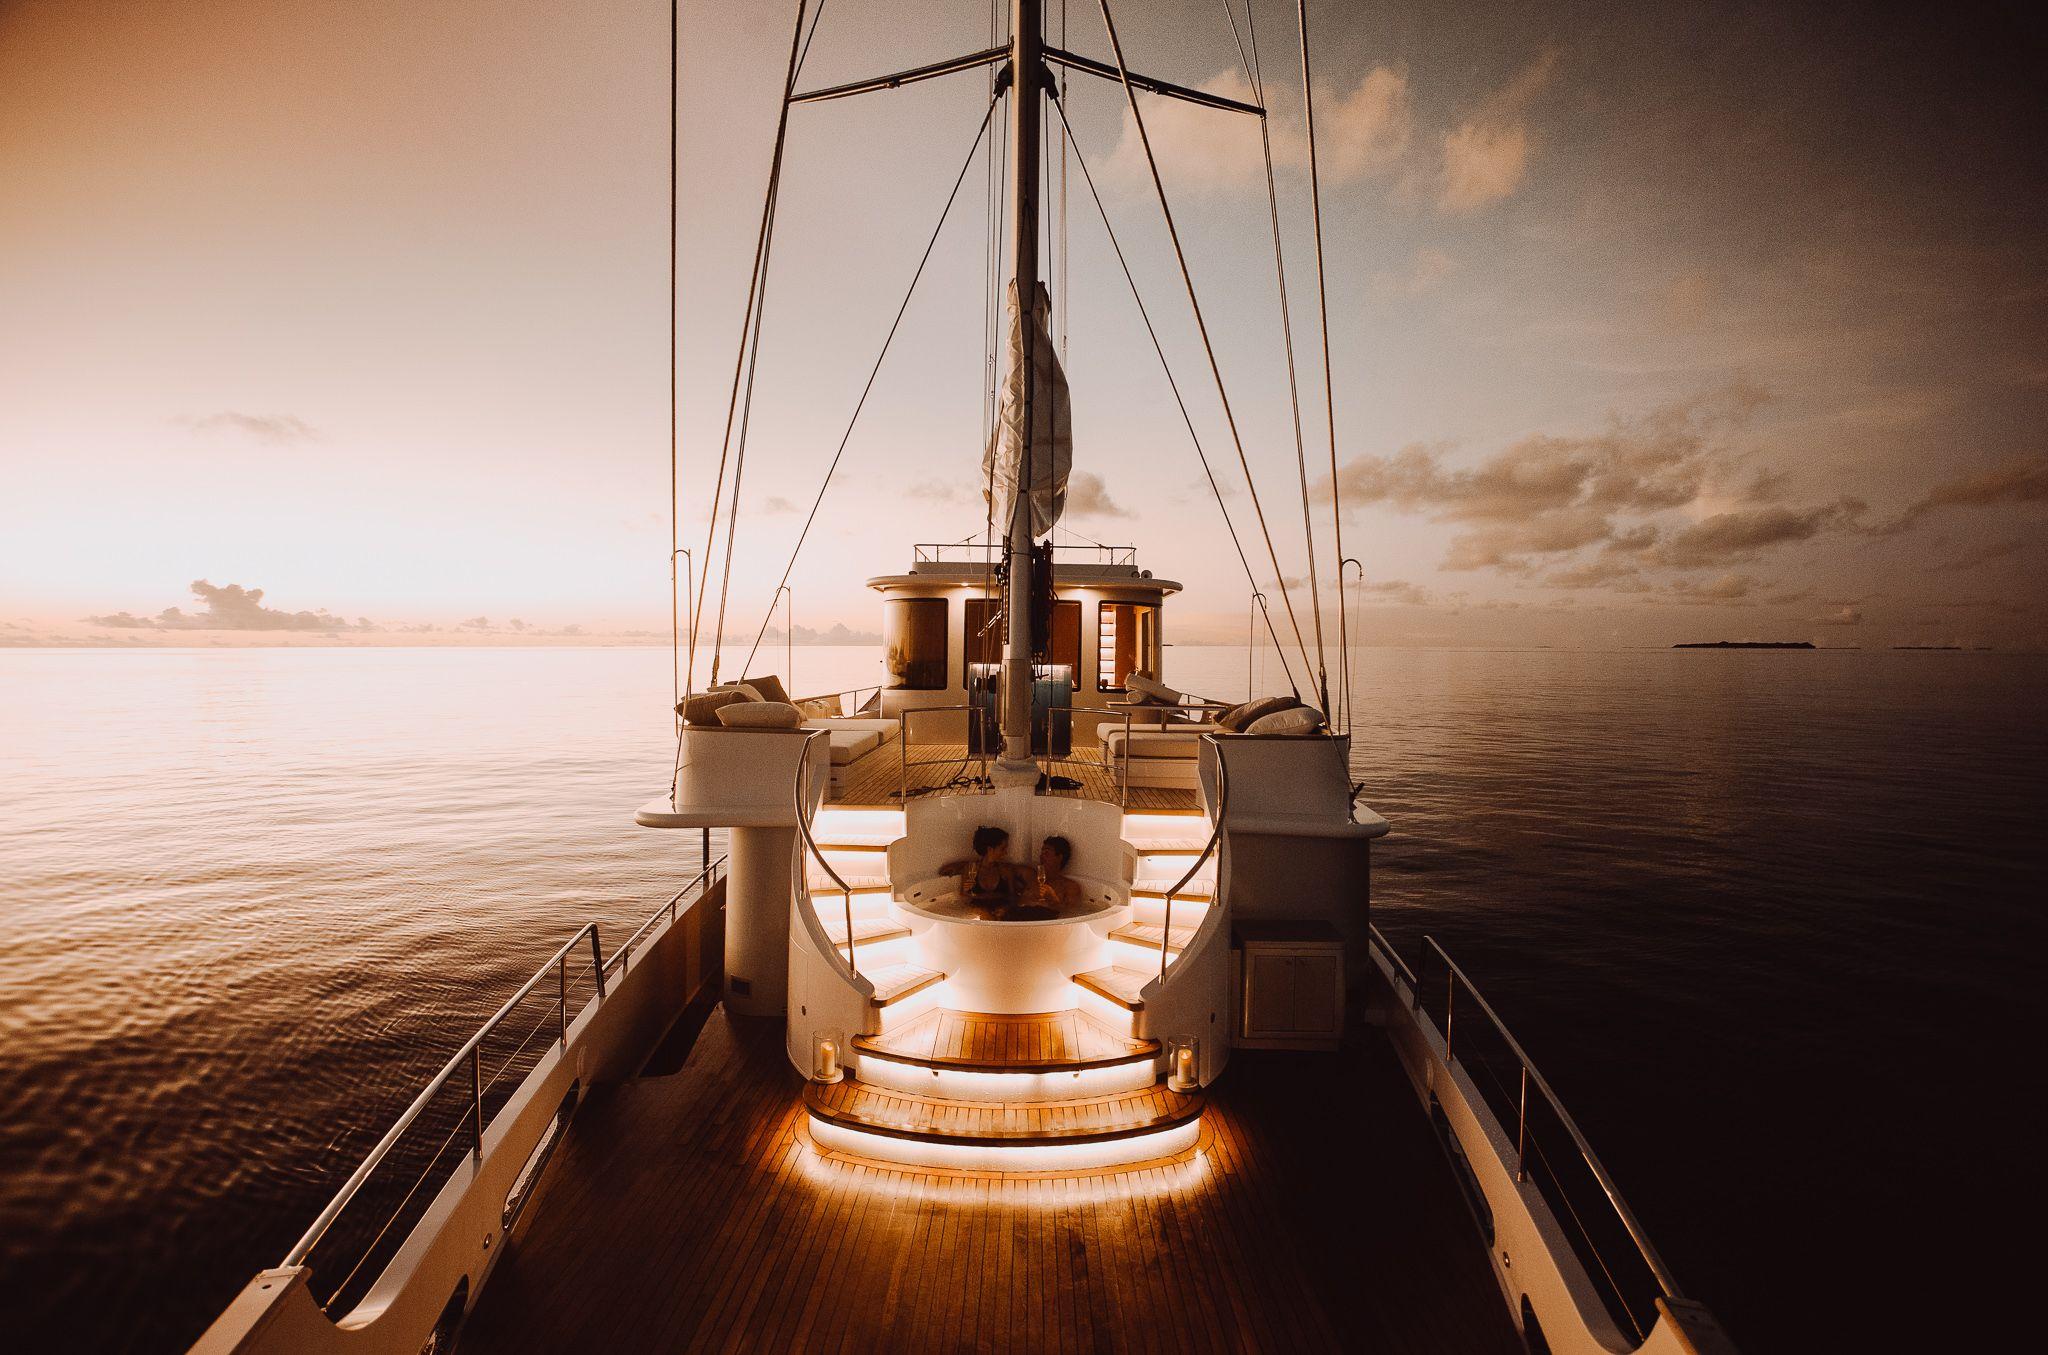 Sunset Jacuzzi | Soneva in Aqua #soneva #sonevafushi #luxurytravel #luxeescapes #maldives | Yacht, Luxury yachts, Yacht cruises